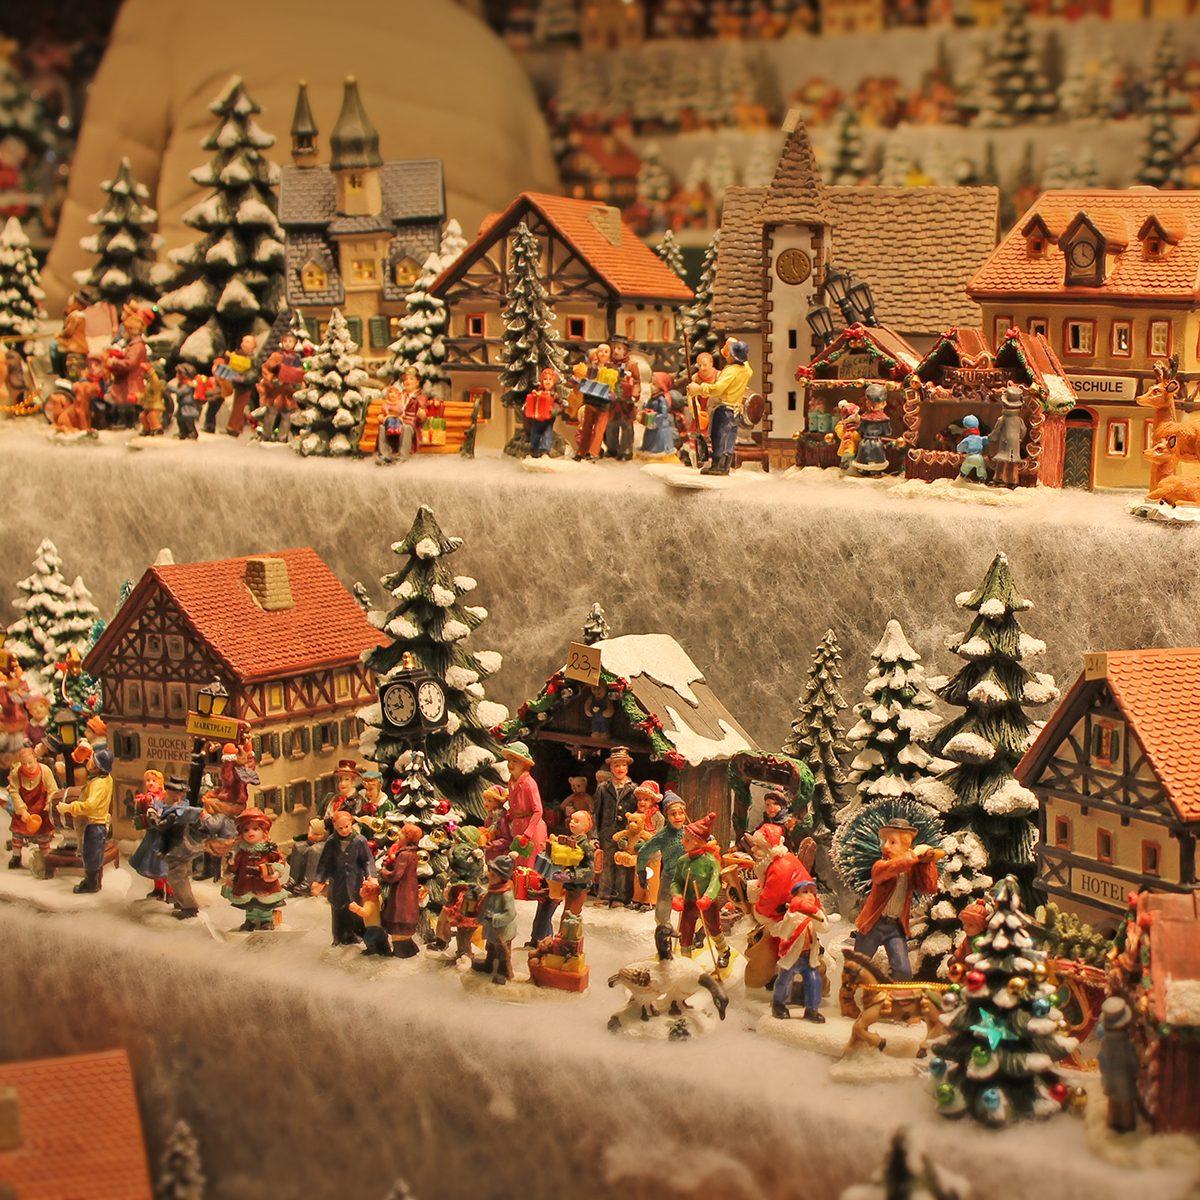 Christmas decoration for sale on advent market. Decorative miniature city houses. Austria,Salzburg.